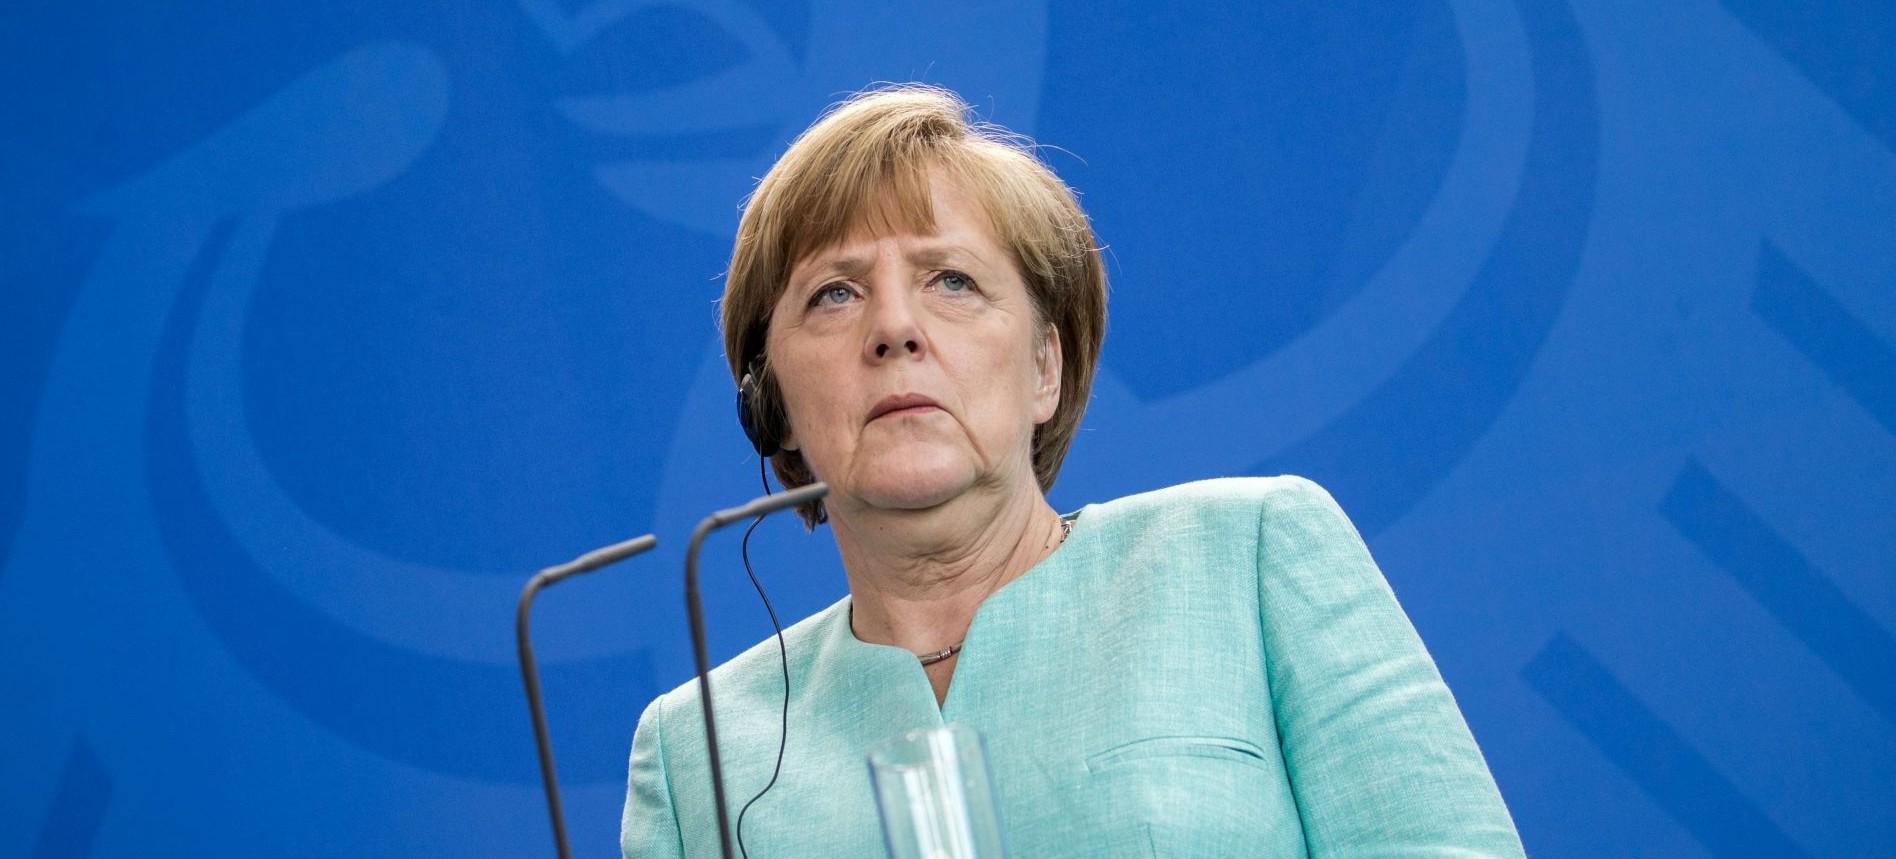 ZATOVRENI SASTANAK: Merkel oštro kritizirala istočnoeuropsku politiku prema izbjeglicama